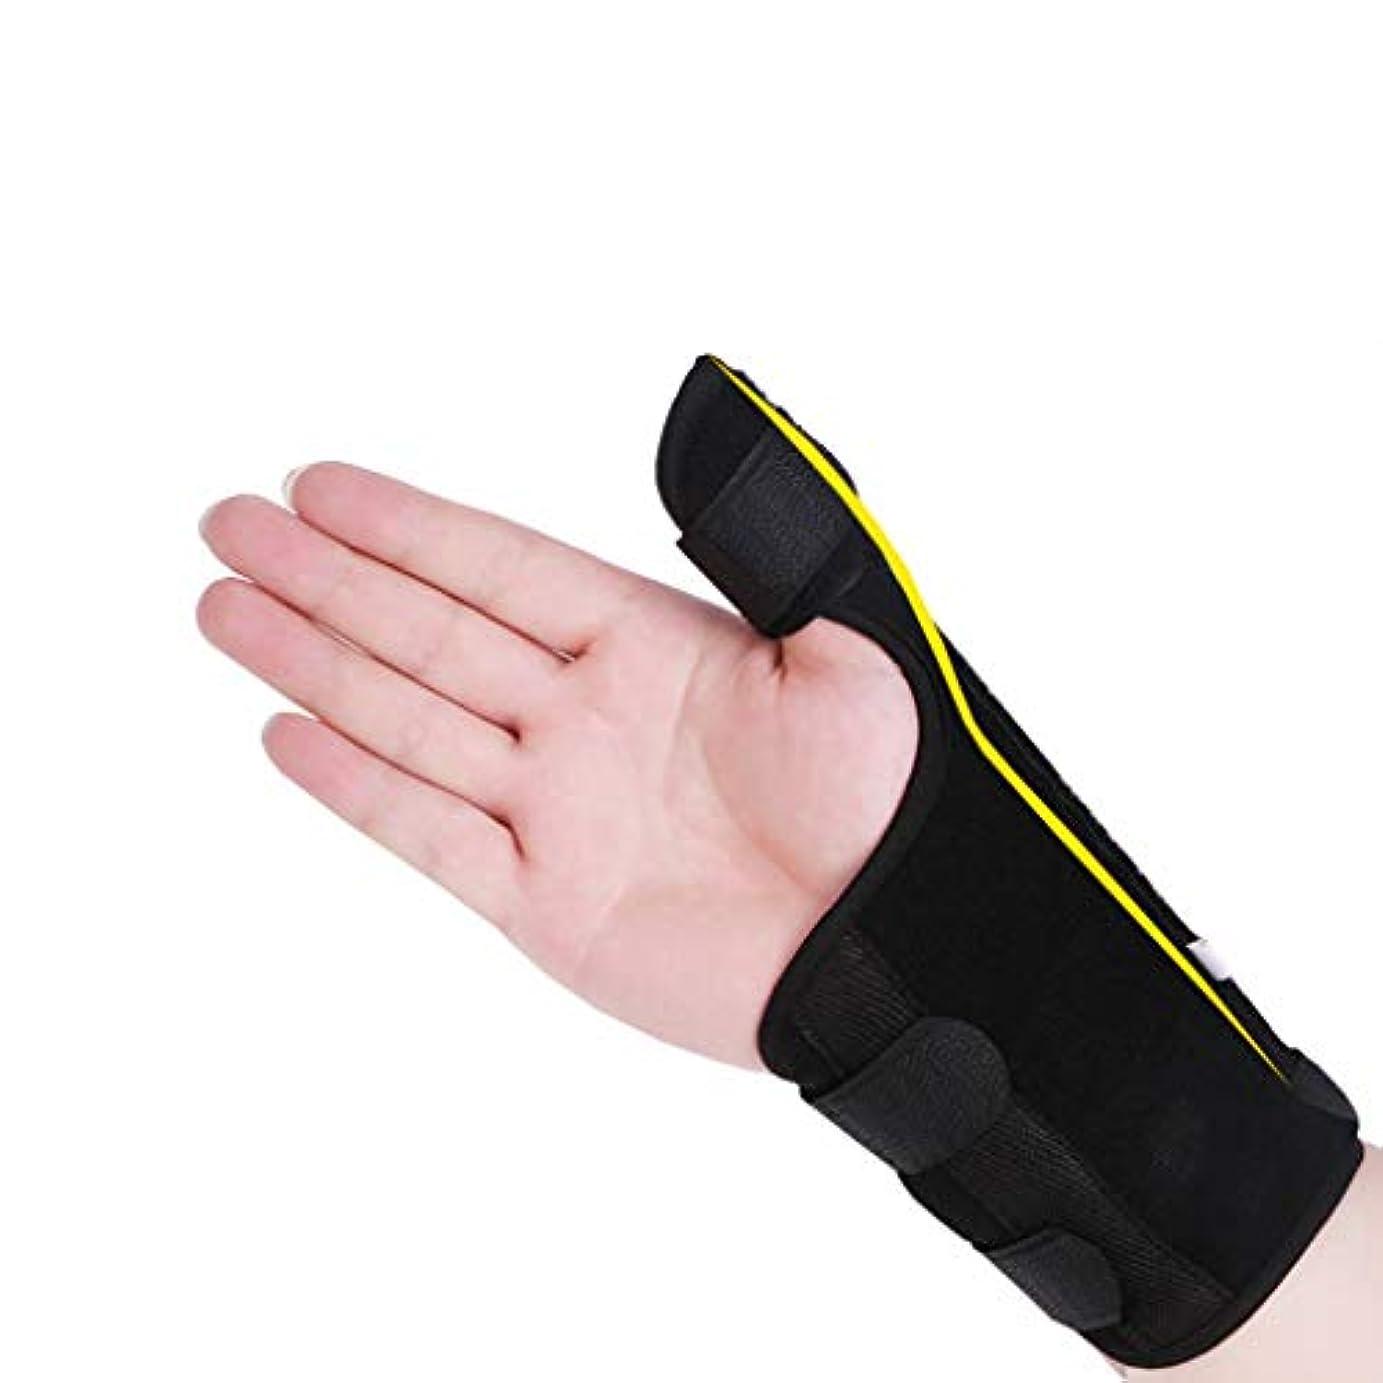 光沢のある不平を言う有益親指サポートガード、軽量で通気性、関節の手根管のための作り付けの副木を使用して安定した無制限の柔らかいティッシュの傷害,Right,M